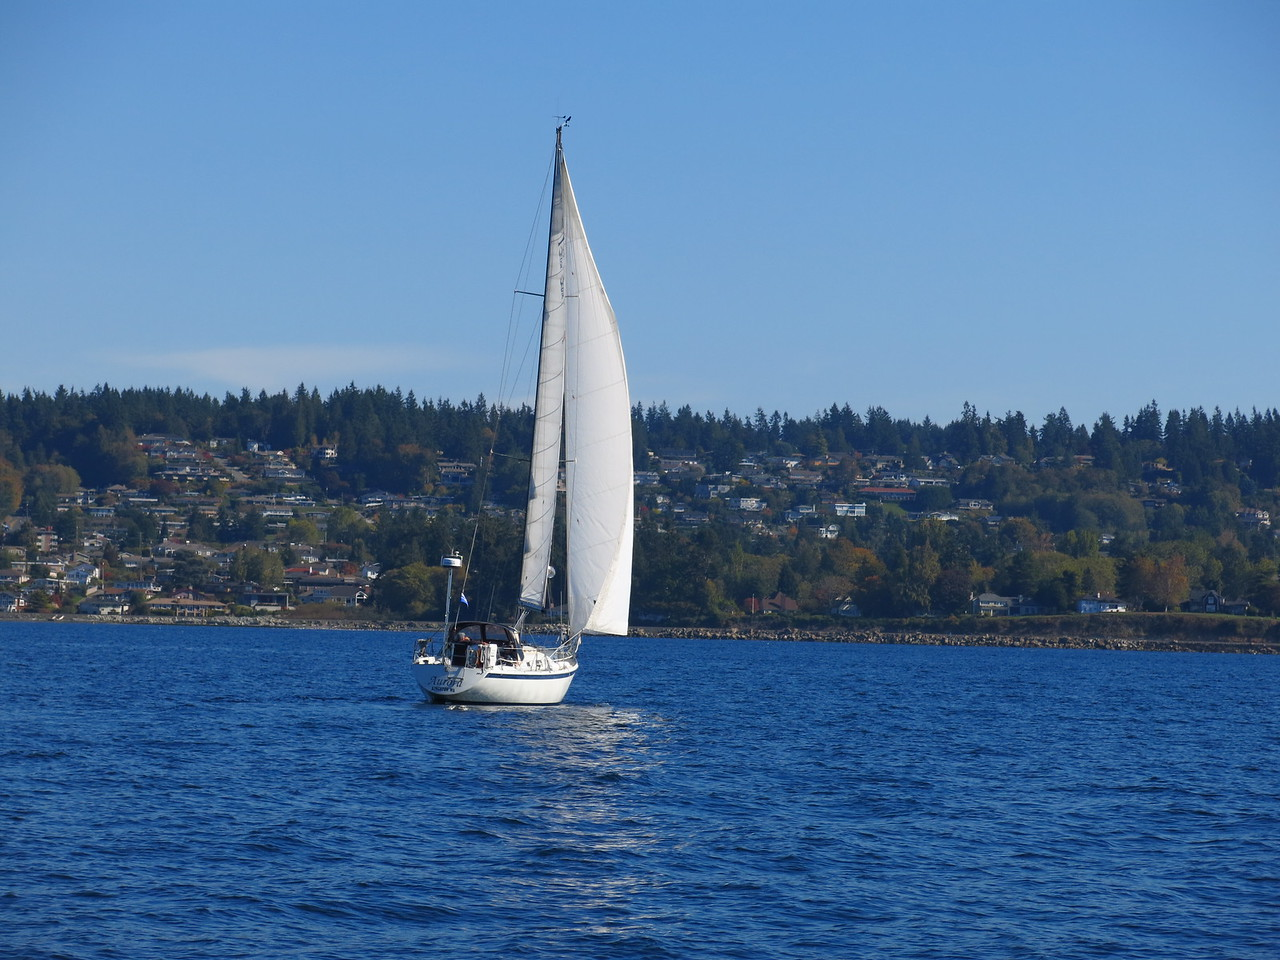 2015-10-04 Sail (31)